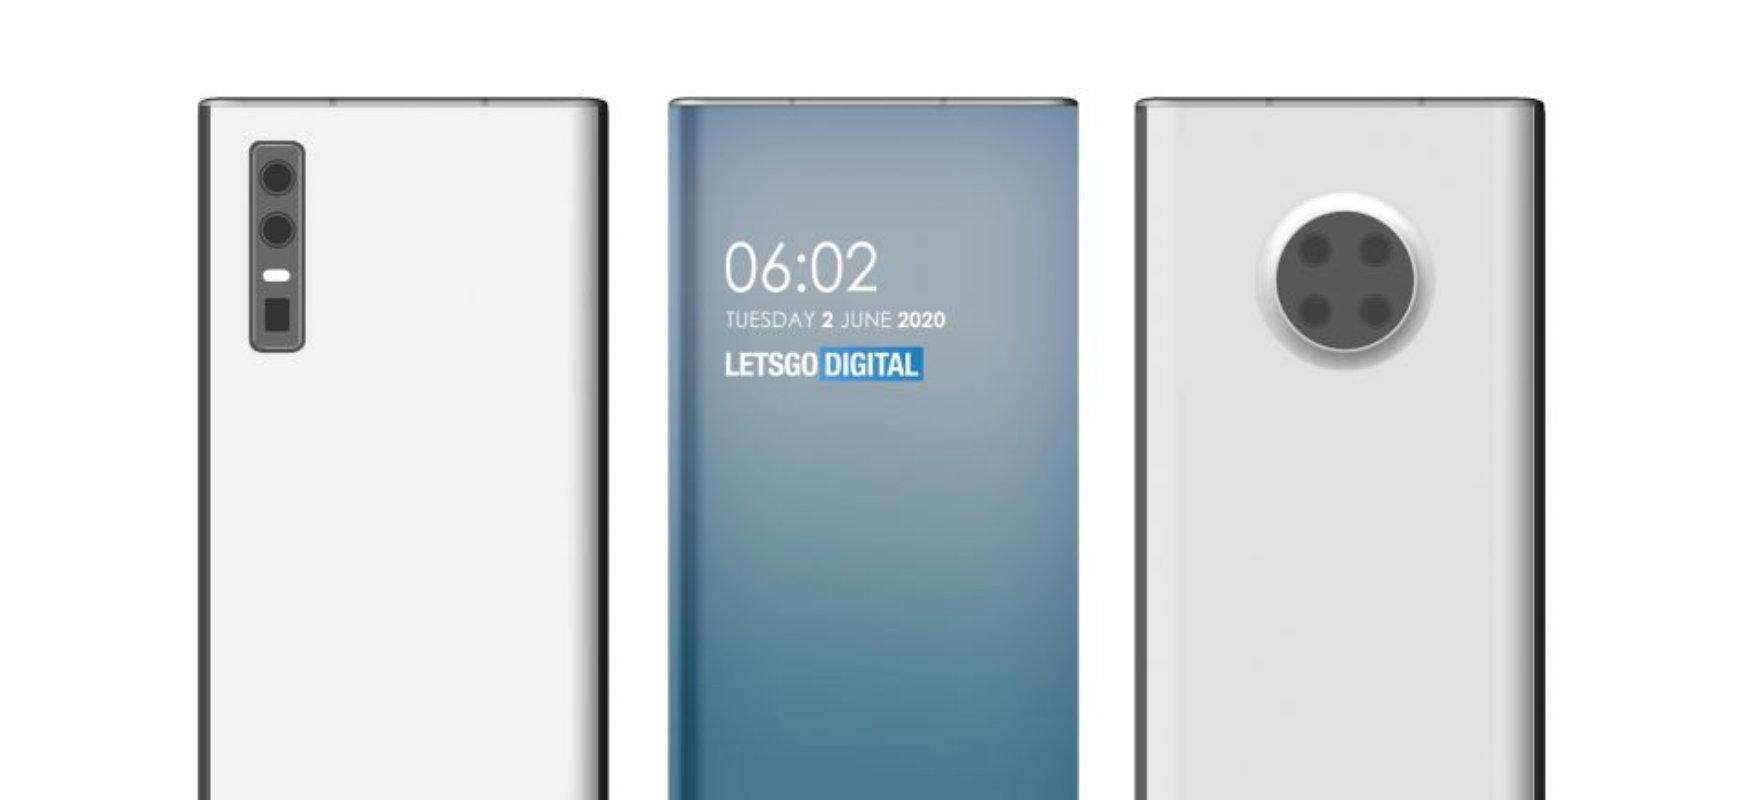 Kamerak biribilatutako pantailen azpian.  Halaxe ikusiko dute Huaweia smartphones berriek